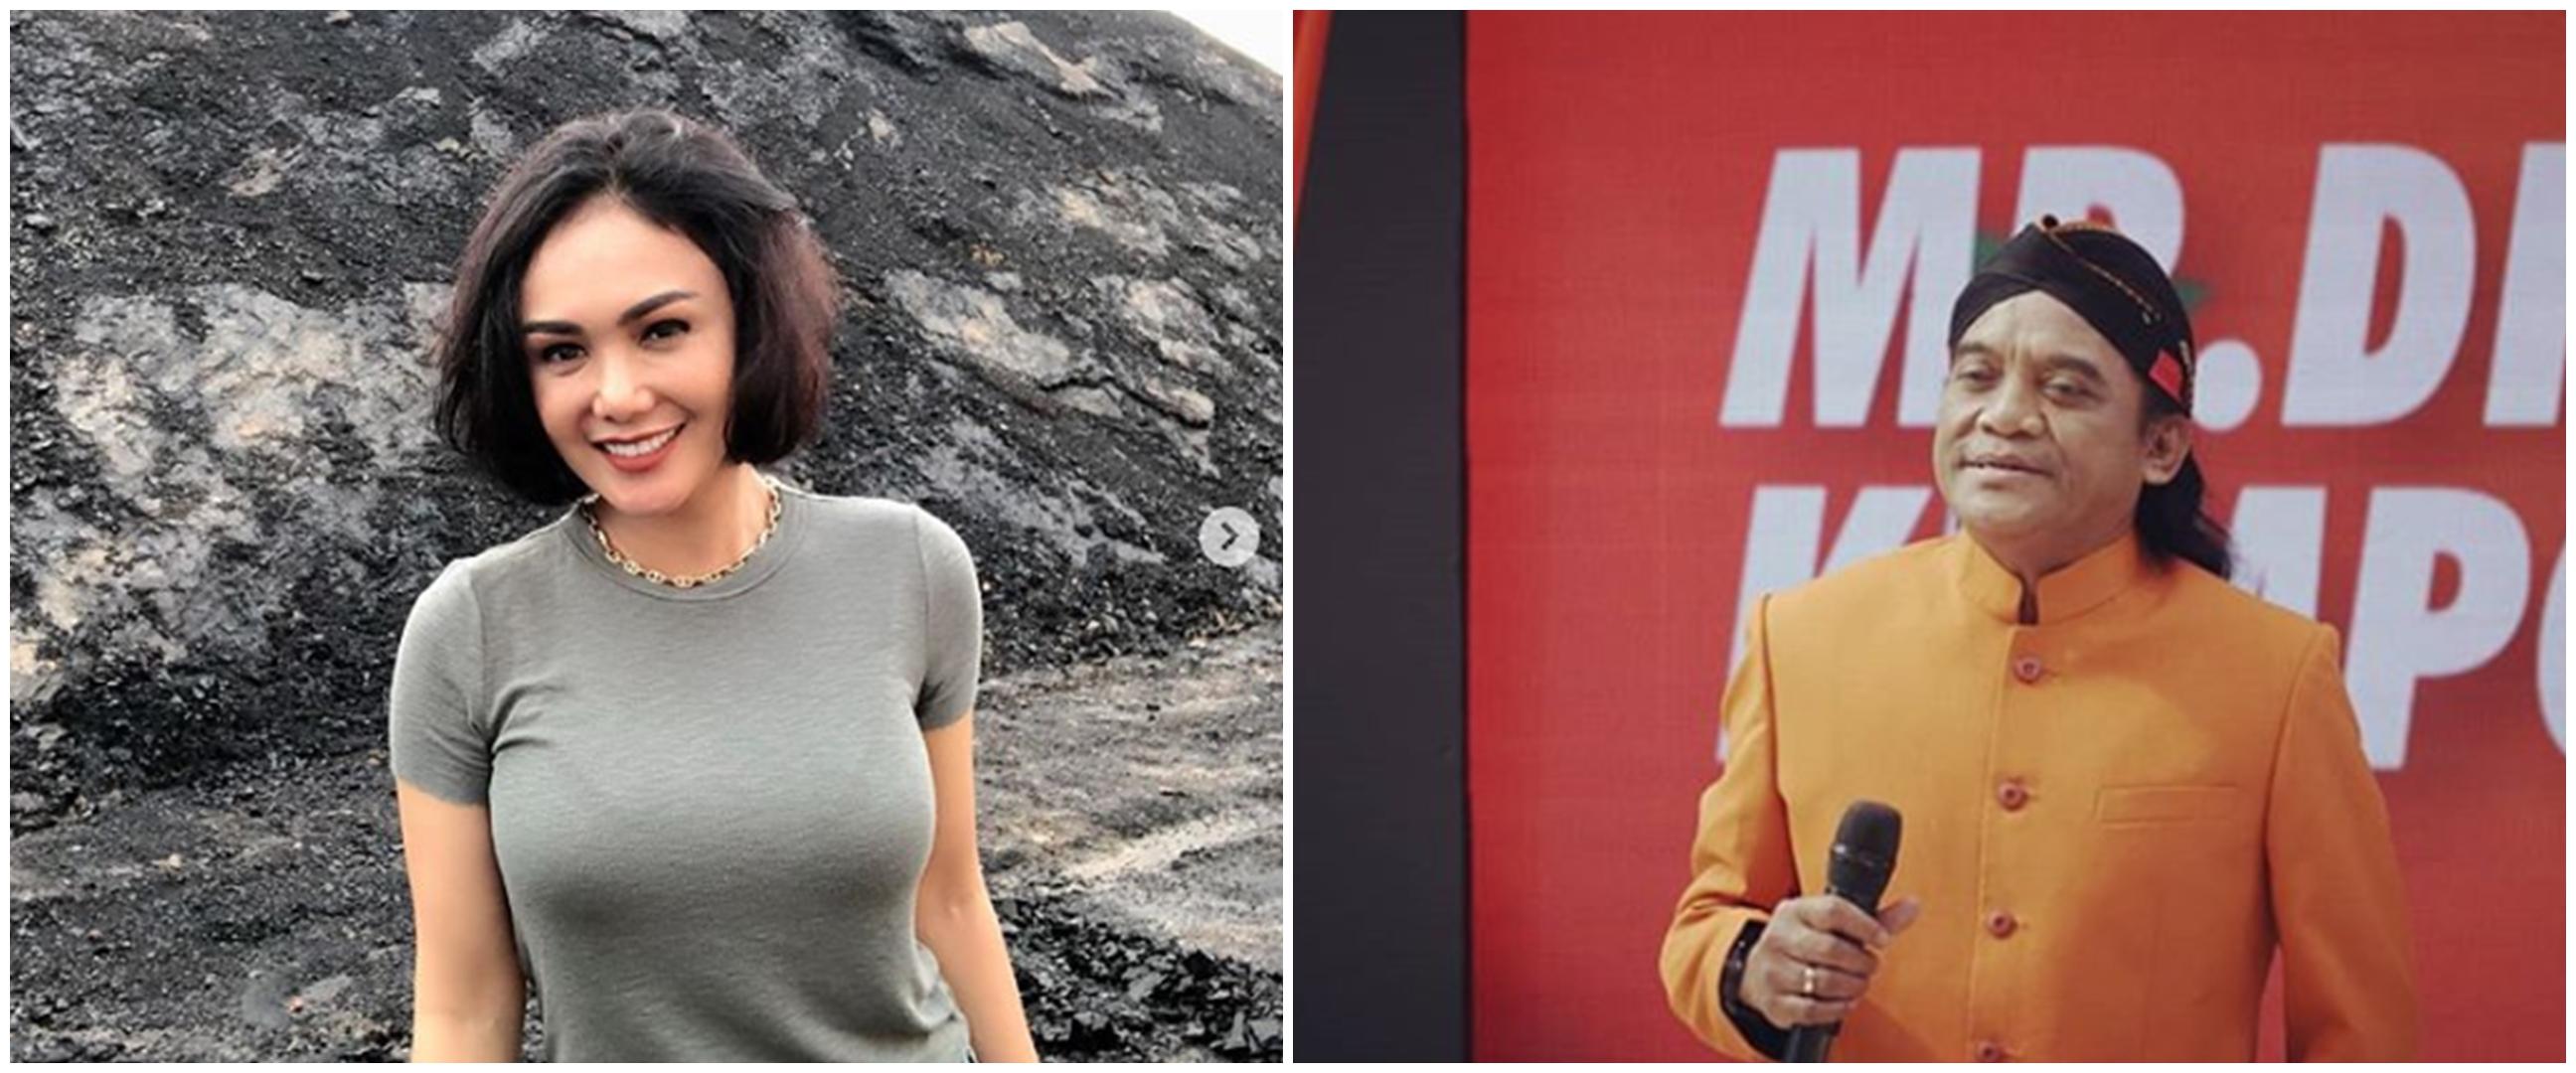 Ini karya terakhir Didi Kempot yang siap rilis, duet dengan Yuni Shara